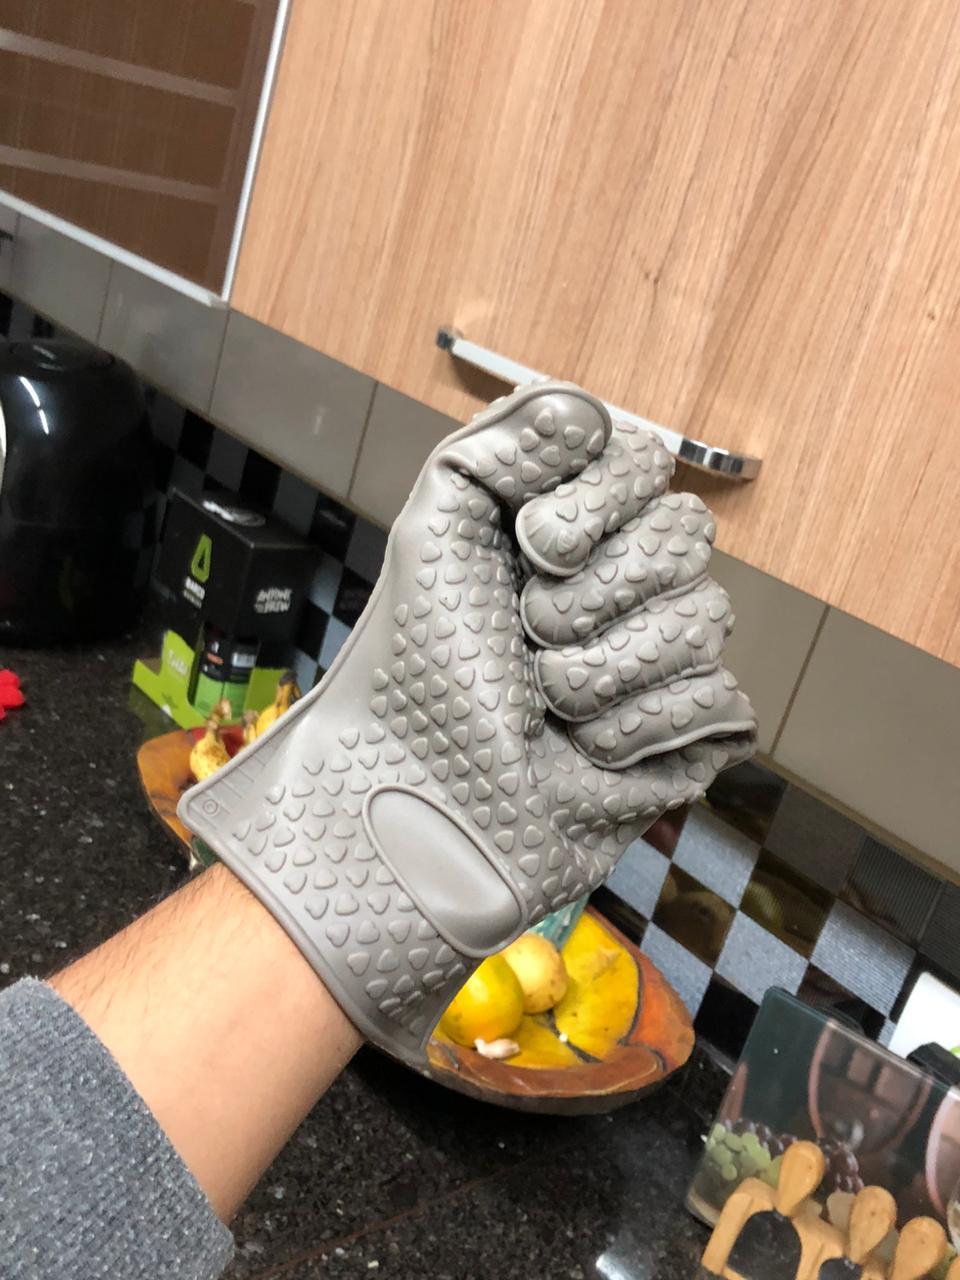 Luva de cozinha térmica silicone 5 dedos cinza anti calor 230 graus